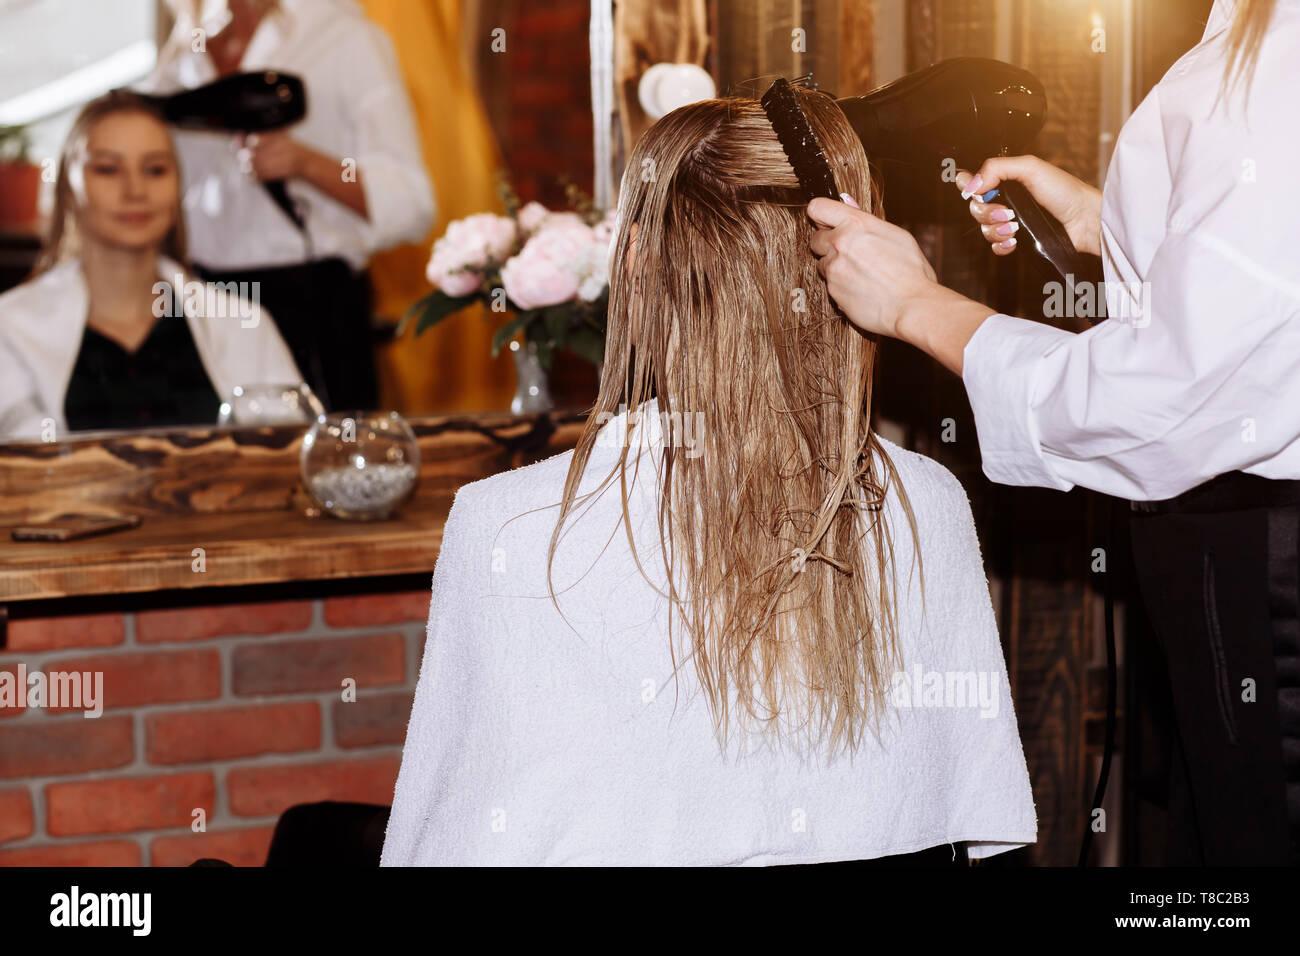 Haarschnitt Fur Junge Damen